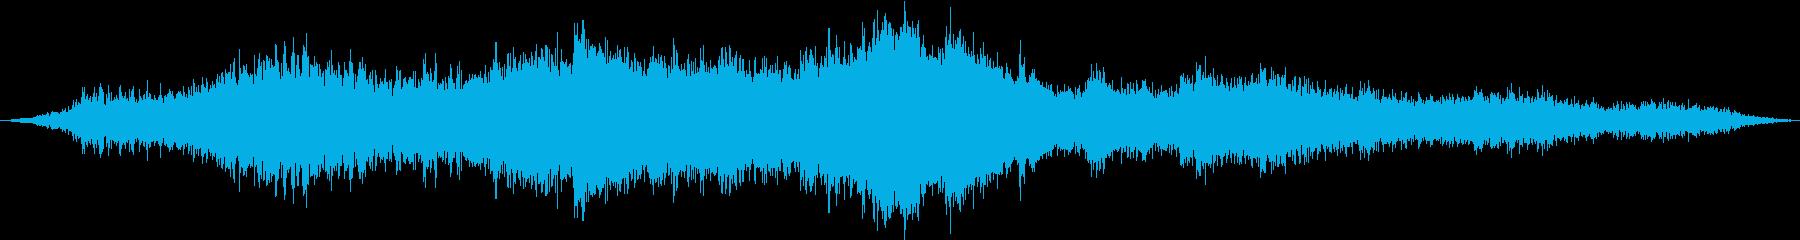 【ダークアンビエント】 地下深くの再生済みの波形